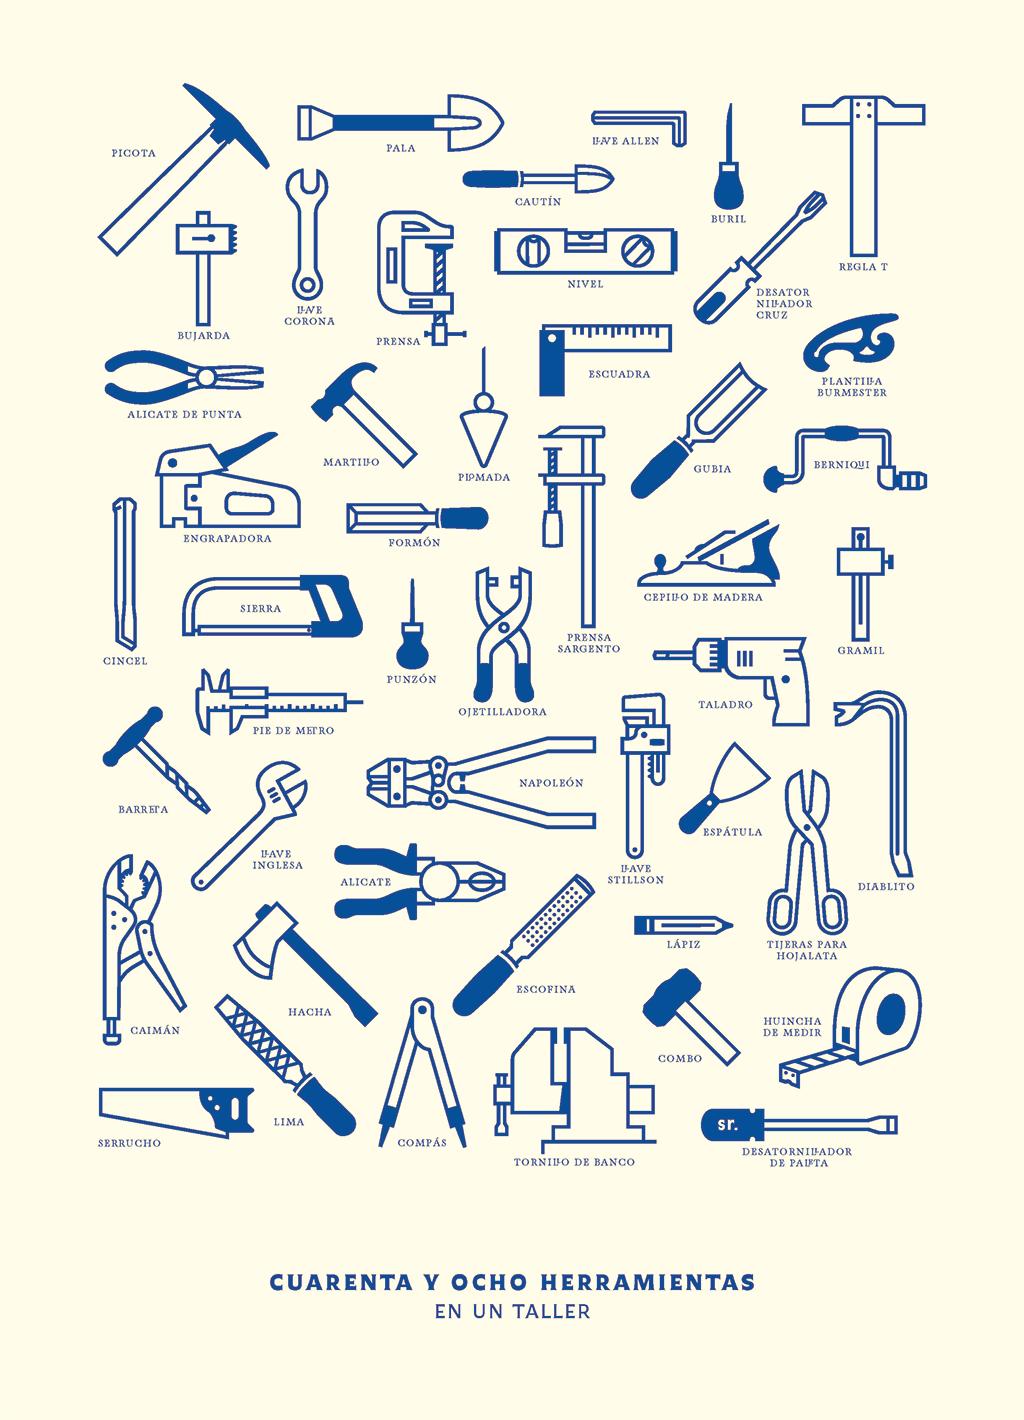 herramientas_05